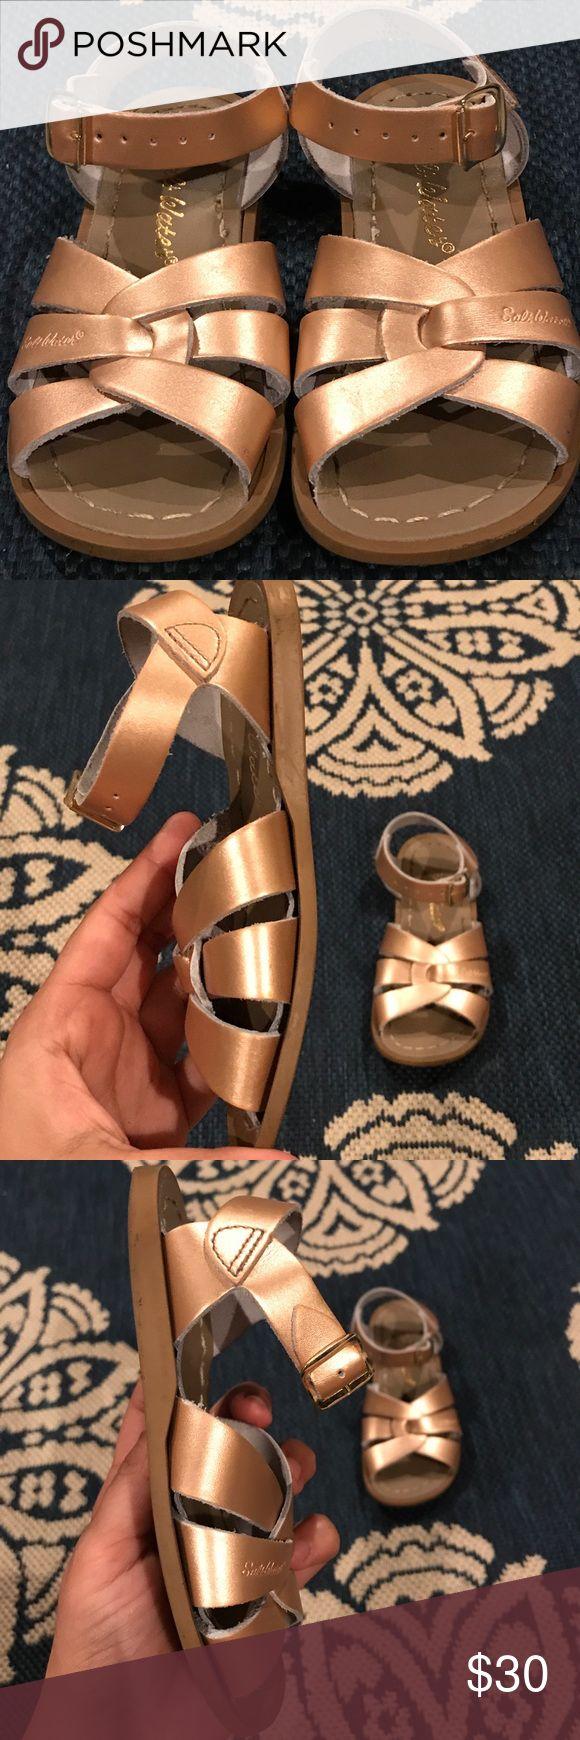 Salt Water Sandals Used- Toddler Size 10: Rose Gold Salt Water Sandals Salt Water Sandals by Hoy Shoes Sandals & Flip Flops